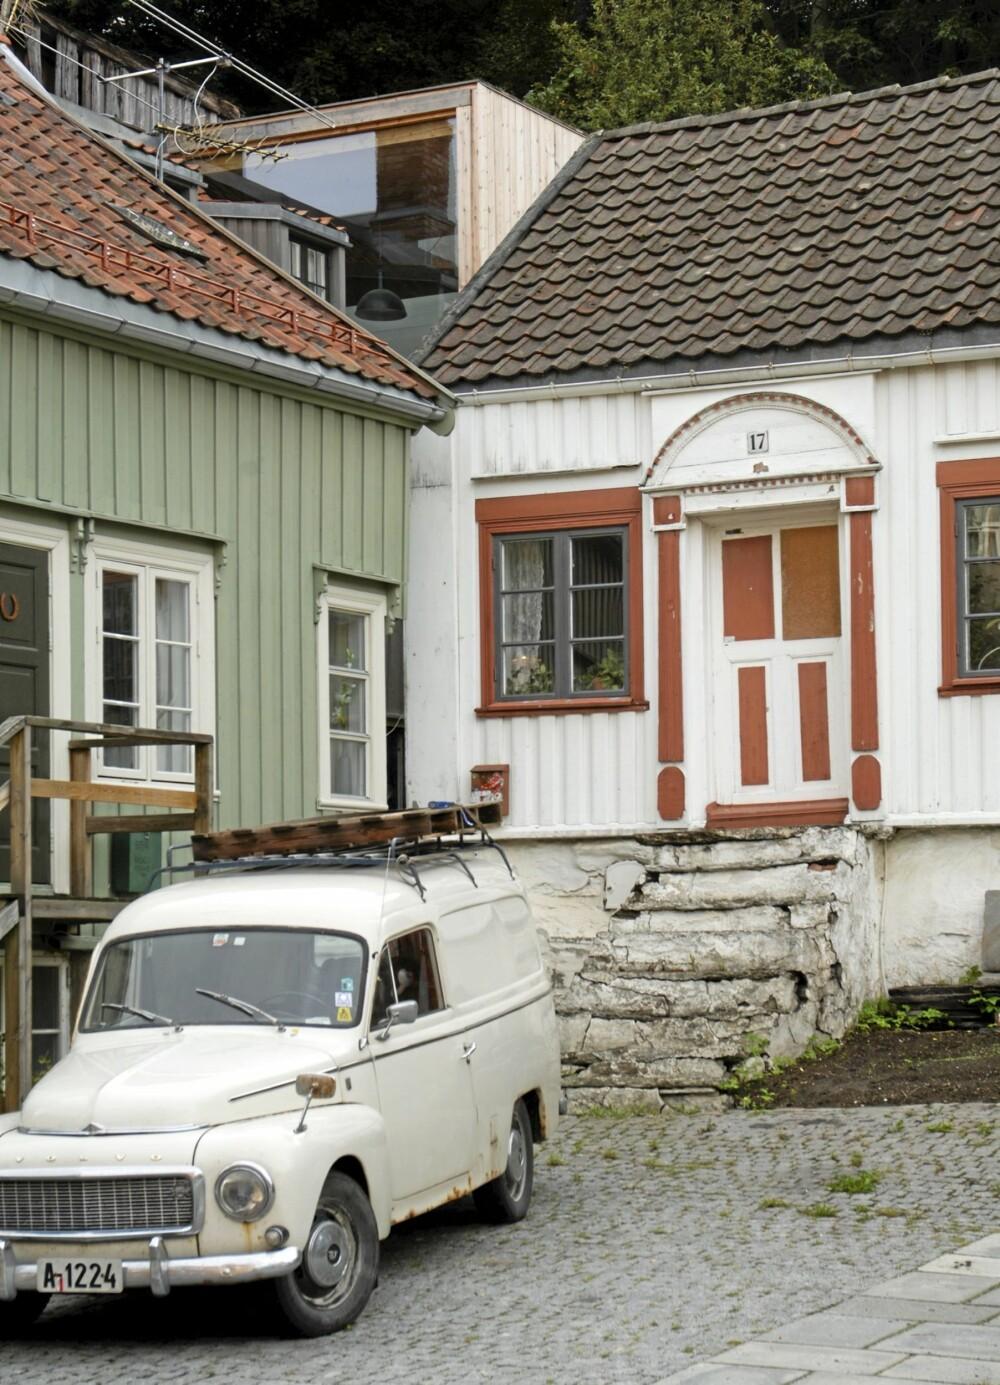 FREIDIG SAMSPILL: Det hvite Kokhuset ligger helt foran og det moderne tilbygget med ubehandlet malmfurupanel inne i bakgården. I den siste tiden har både Kokhuset og trappen mot gaten gjennomgått en omfattende og faglig presis rehablitering til opprinnelig stil.